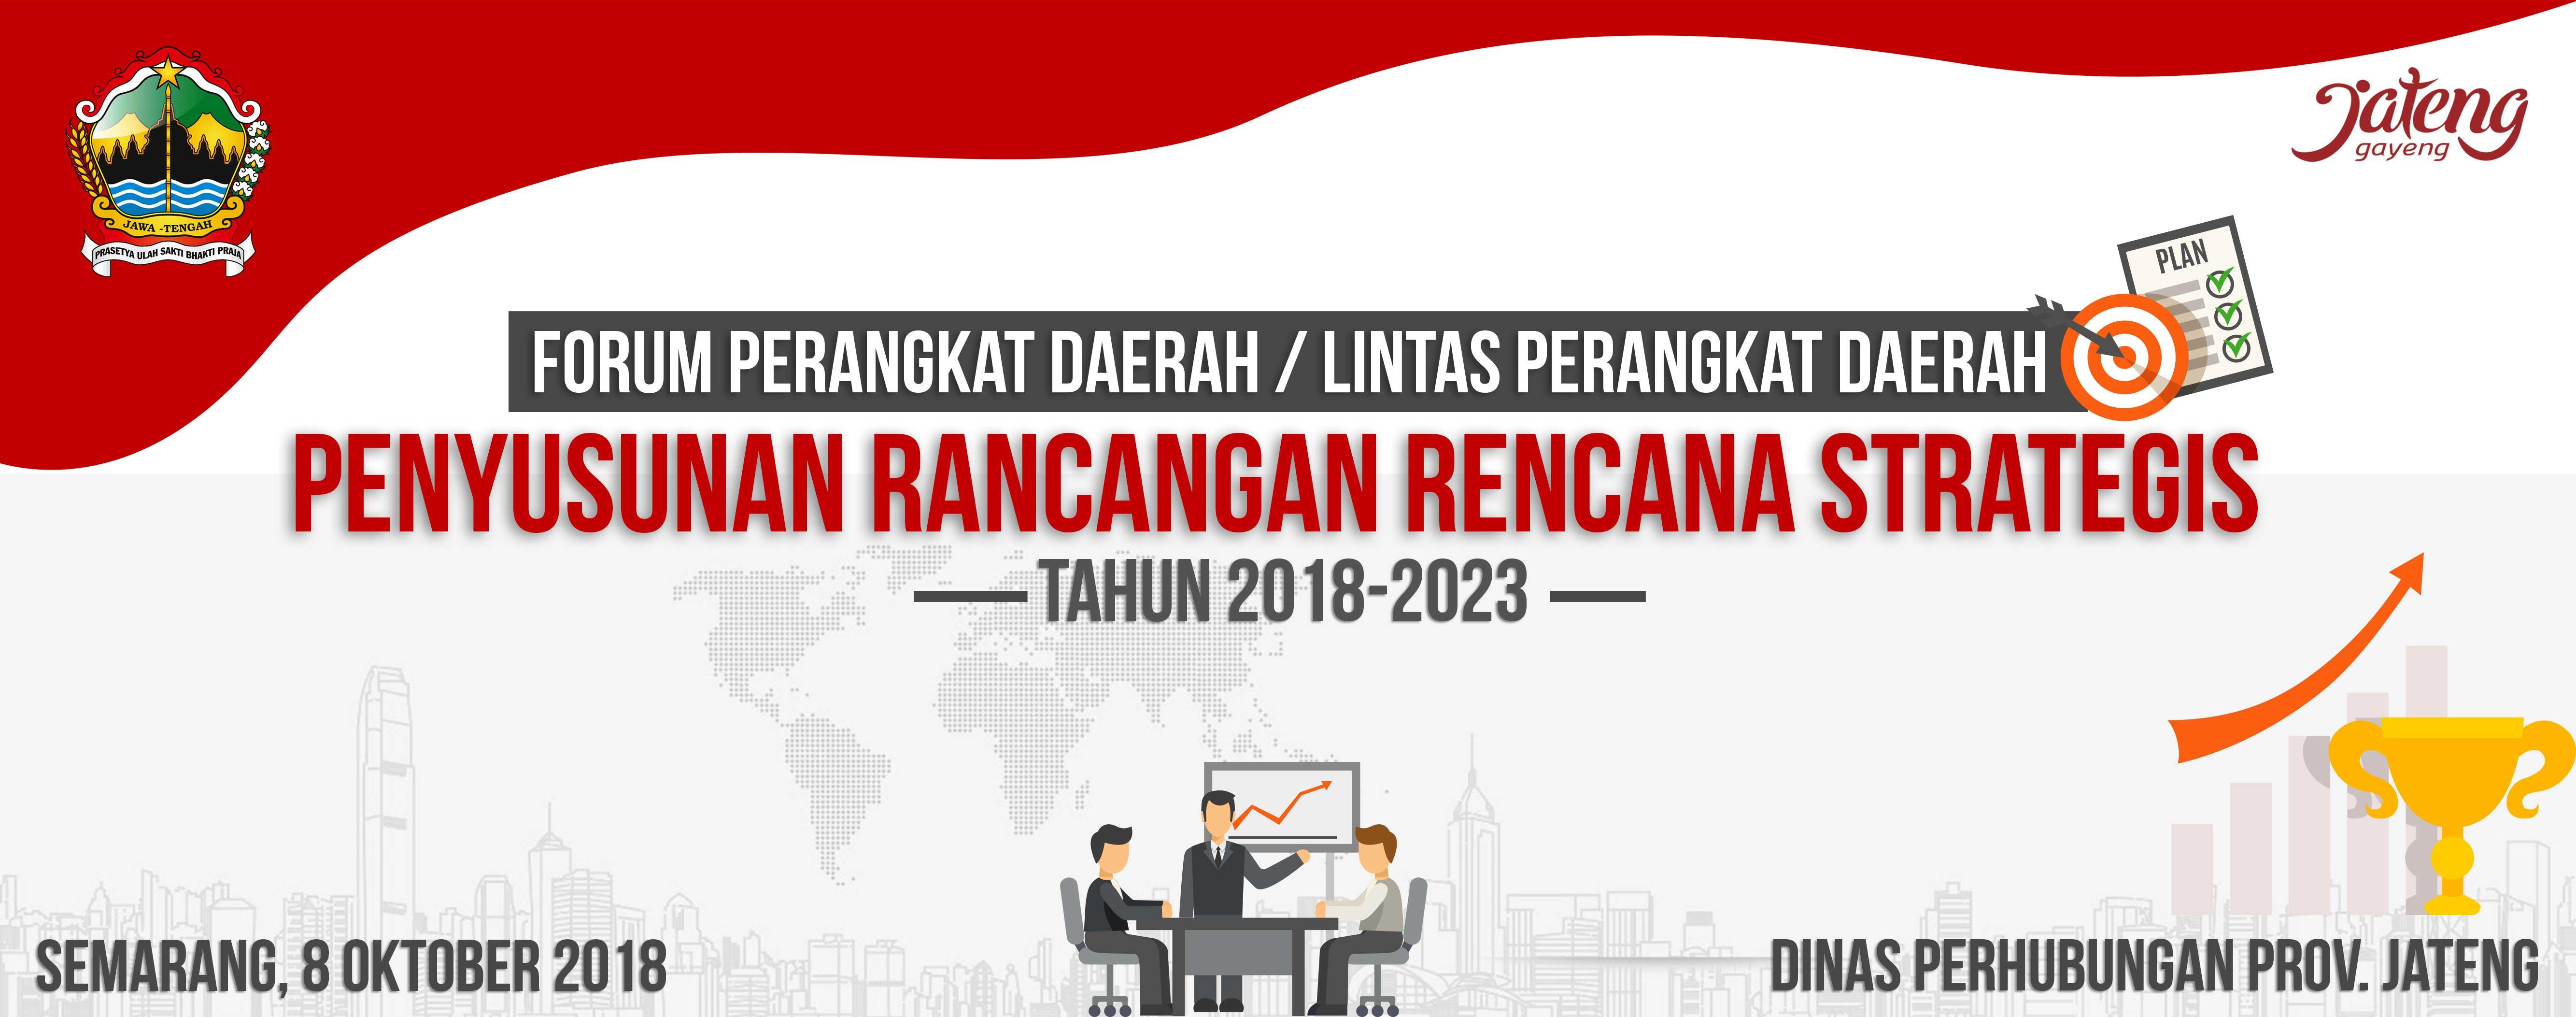 Penyusunan Rancangan Rencana Strategis